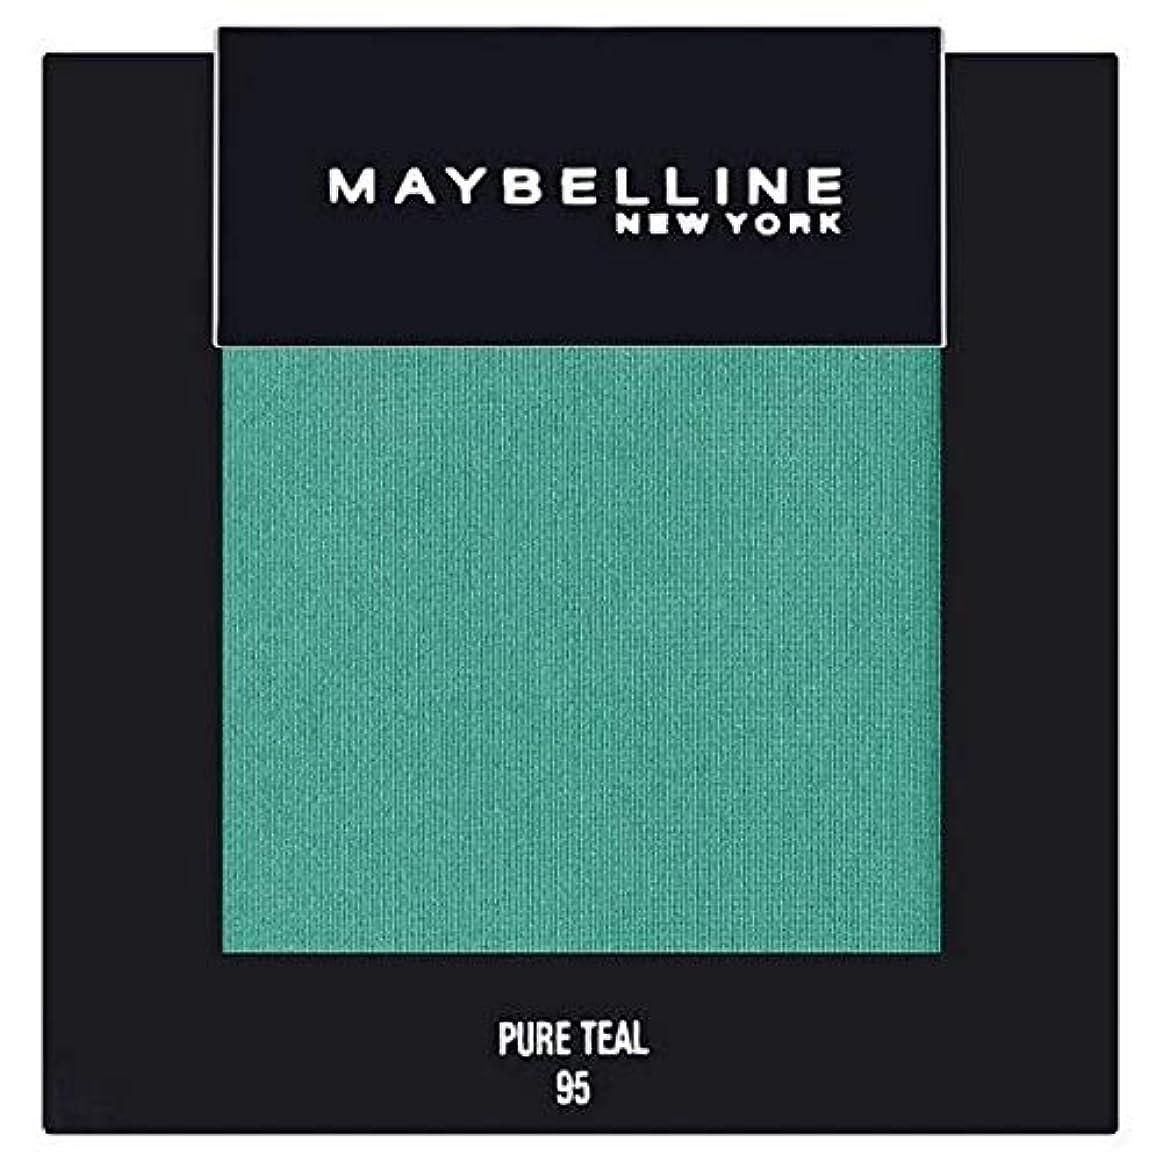 公爵確執試み[Maybelline ] メイベリンカラーショー単一グリーンアイシャドウ95純粋ティール - Maybelline Color Show Single Green Eyeshadow 95 Pure Teal [並行輸入品]